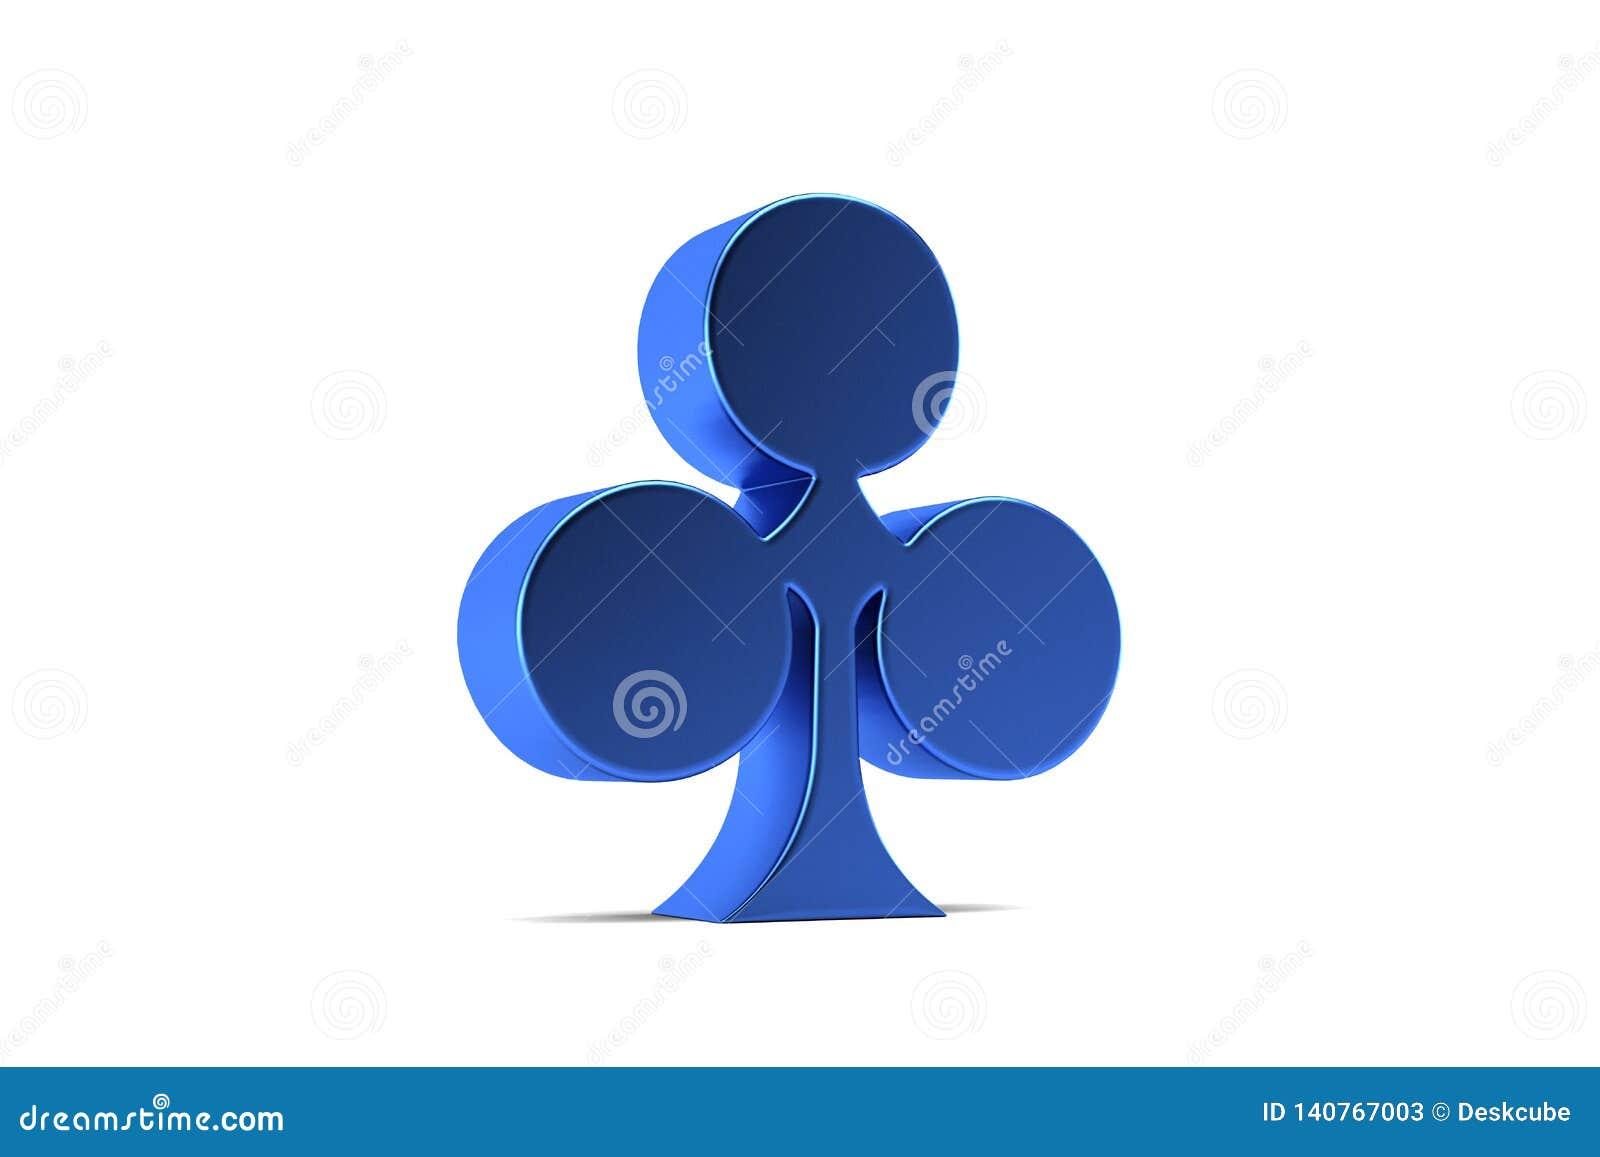 Texas holdem poker domino